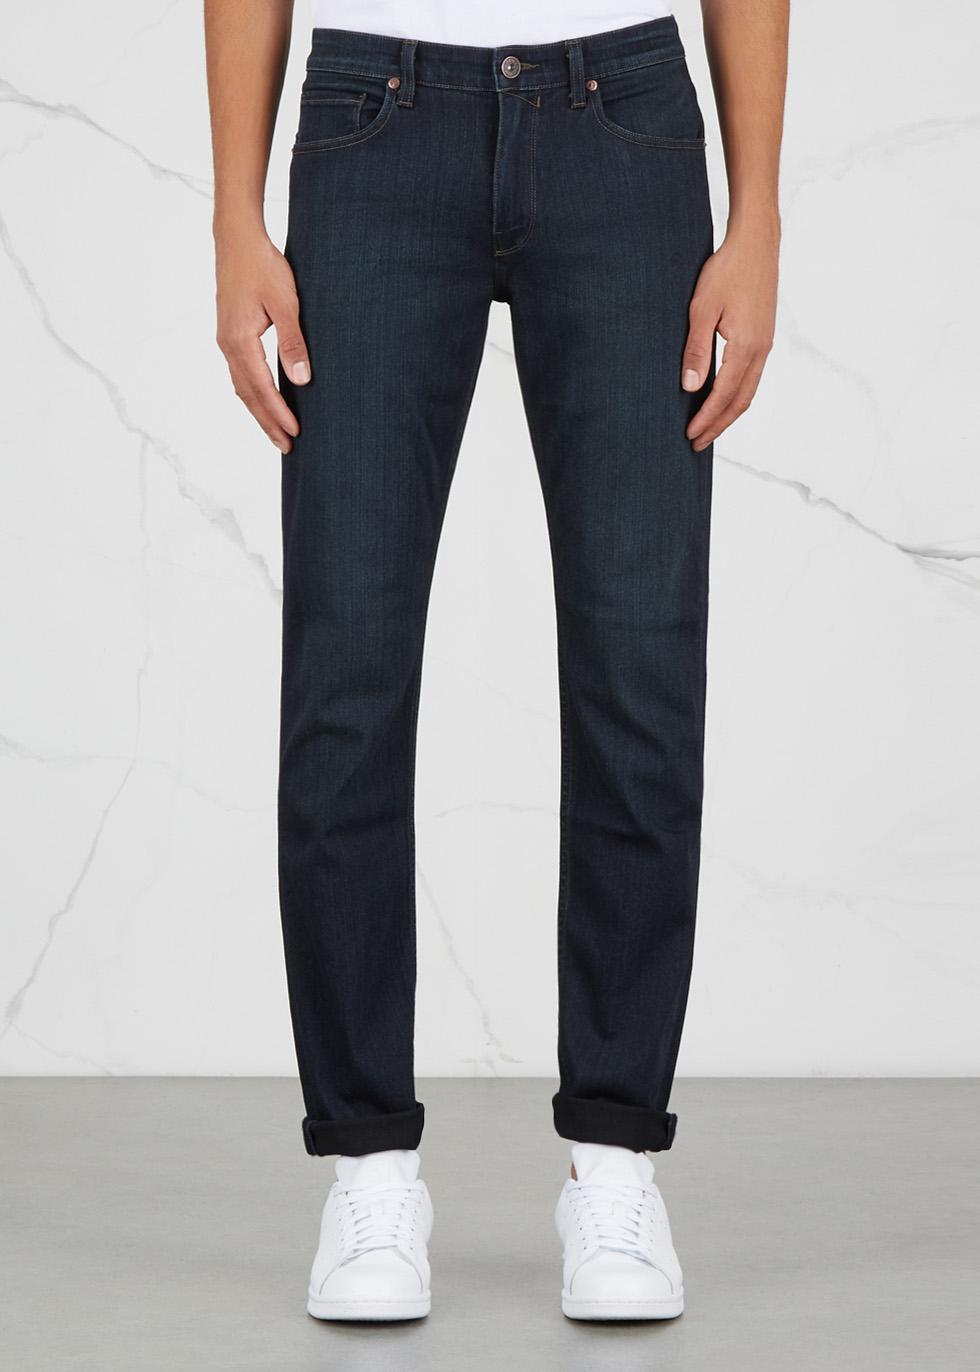 Lennox blue slim-leg jeans - Paige